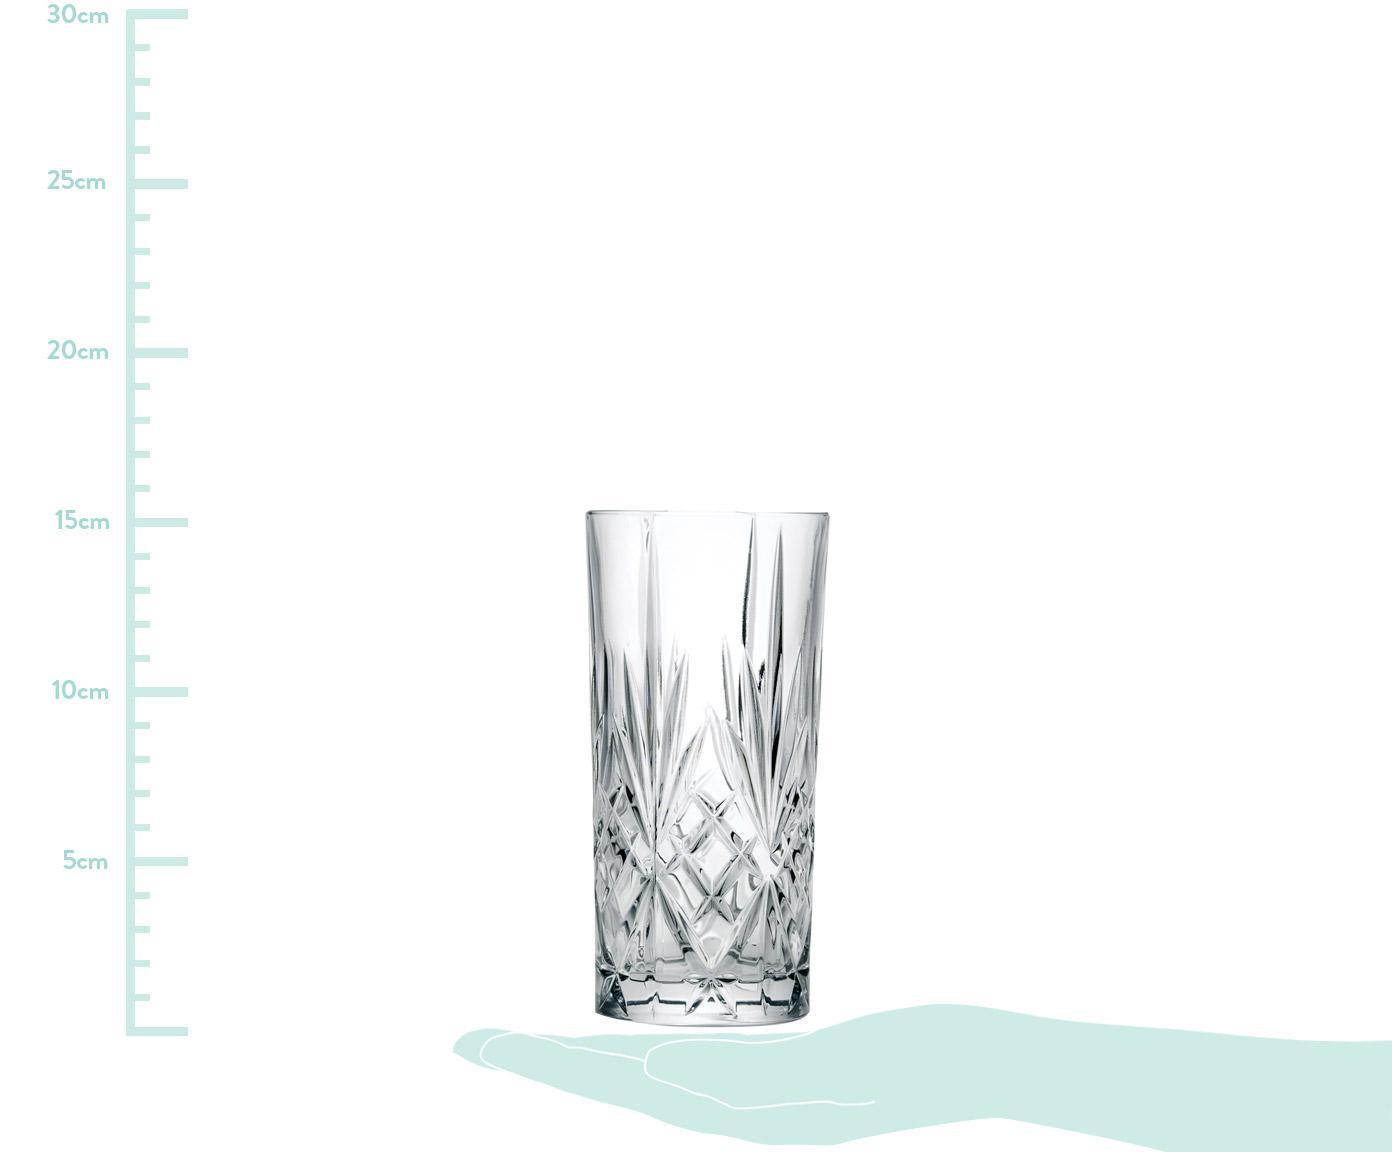 Kristall-Longdrinkgläser Melodia mit Reliefmuster, 6er-Set, Kristallglas, Transparent, Ø 7 x H 15 cm